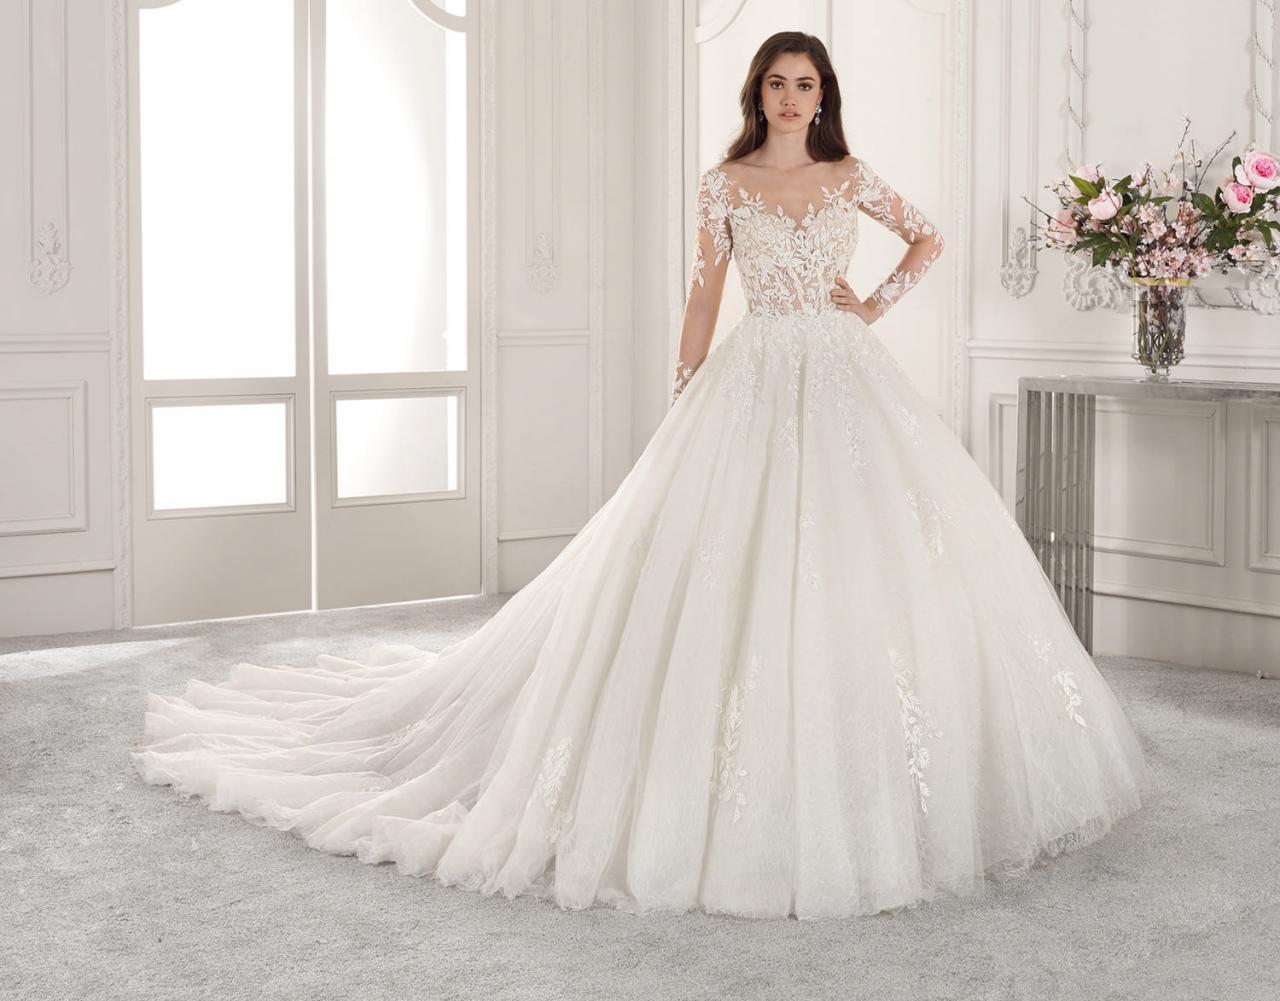 صورة بالصور اجمل فساتين الزفاف , اخر صيحة فستان الزفاف 2020